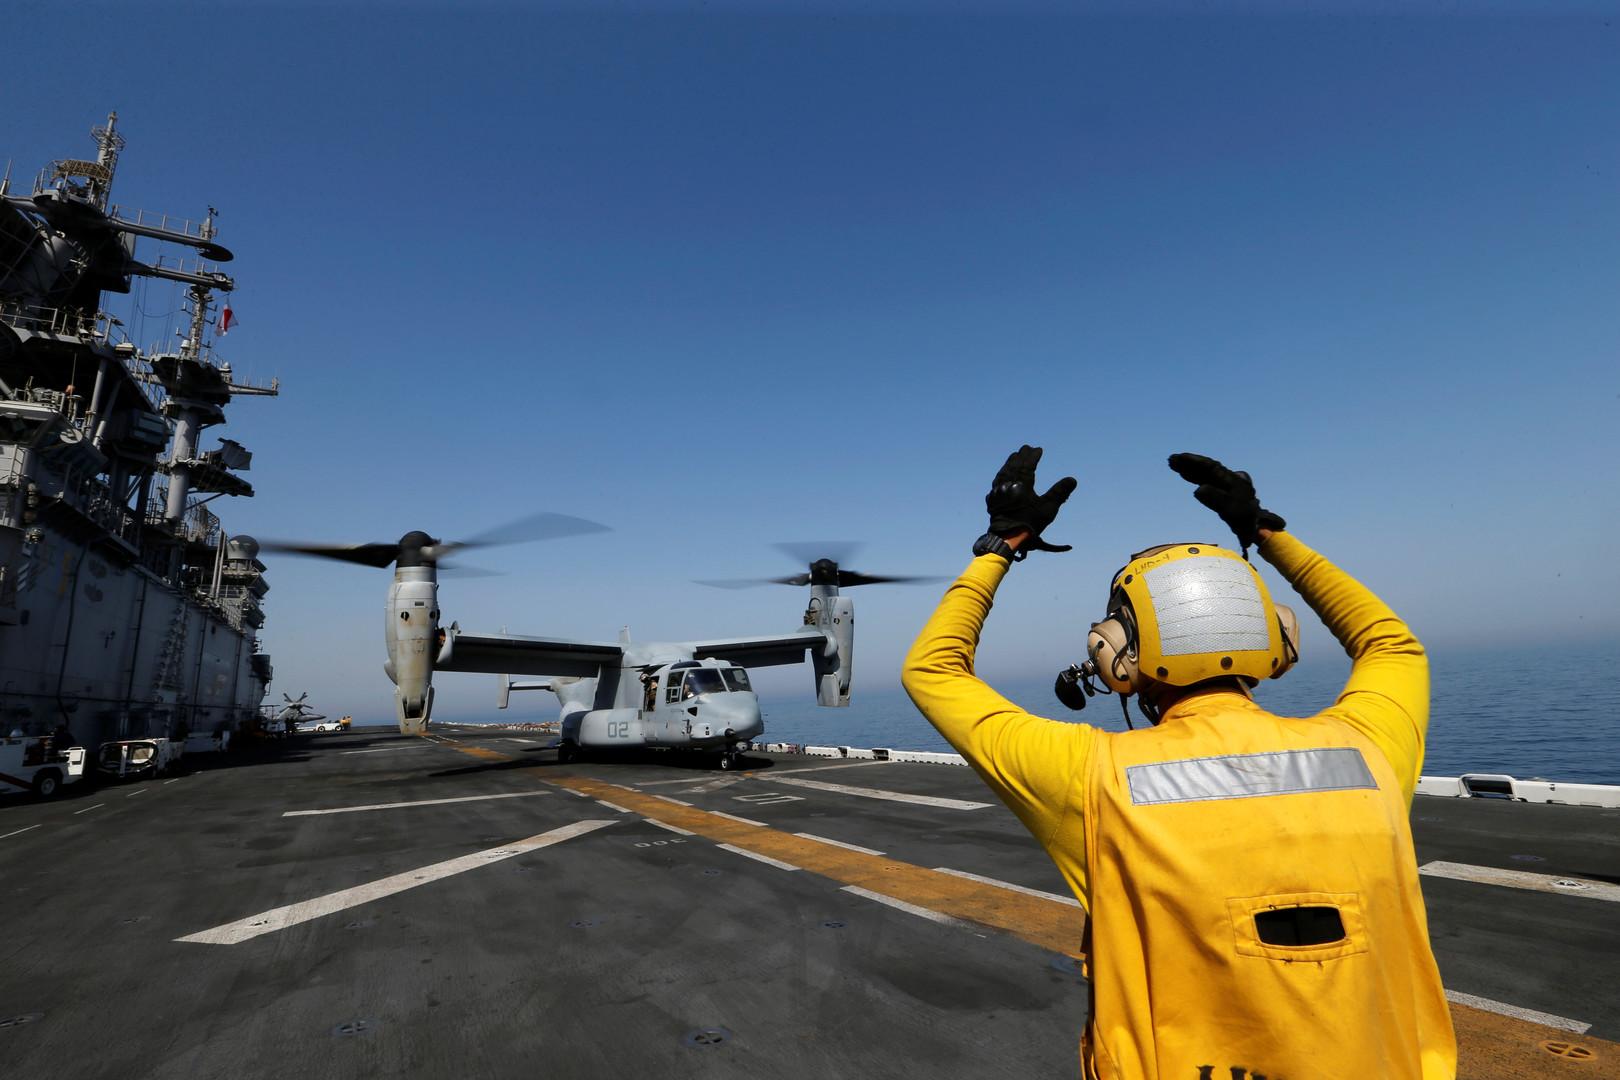 وصول مجموعة سفن حربية أمريكية إلى الخليج